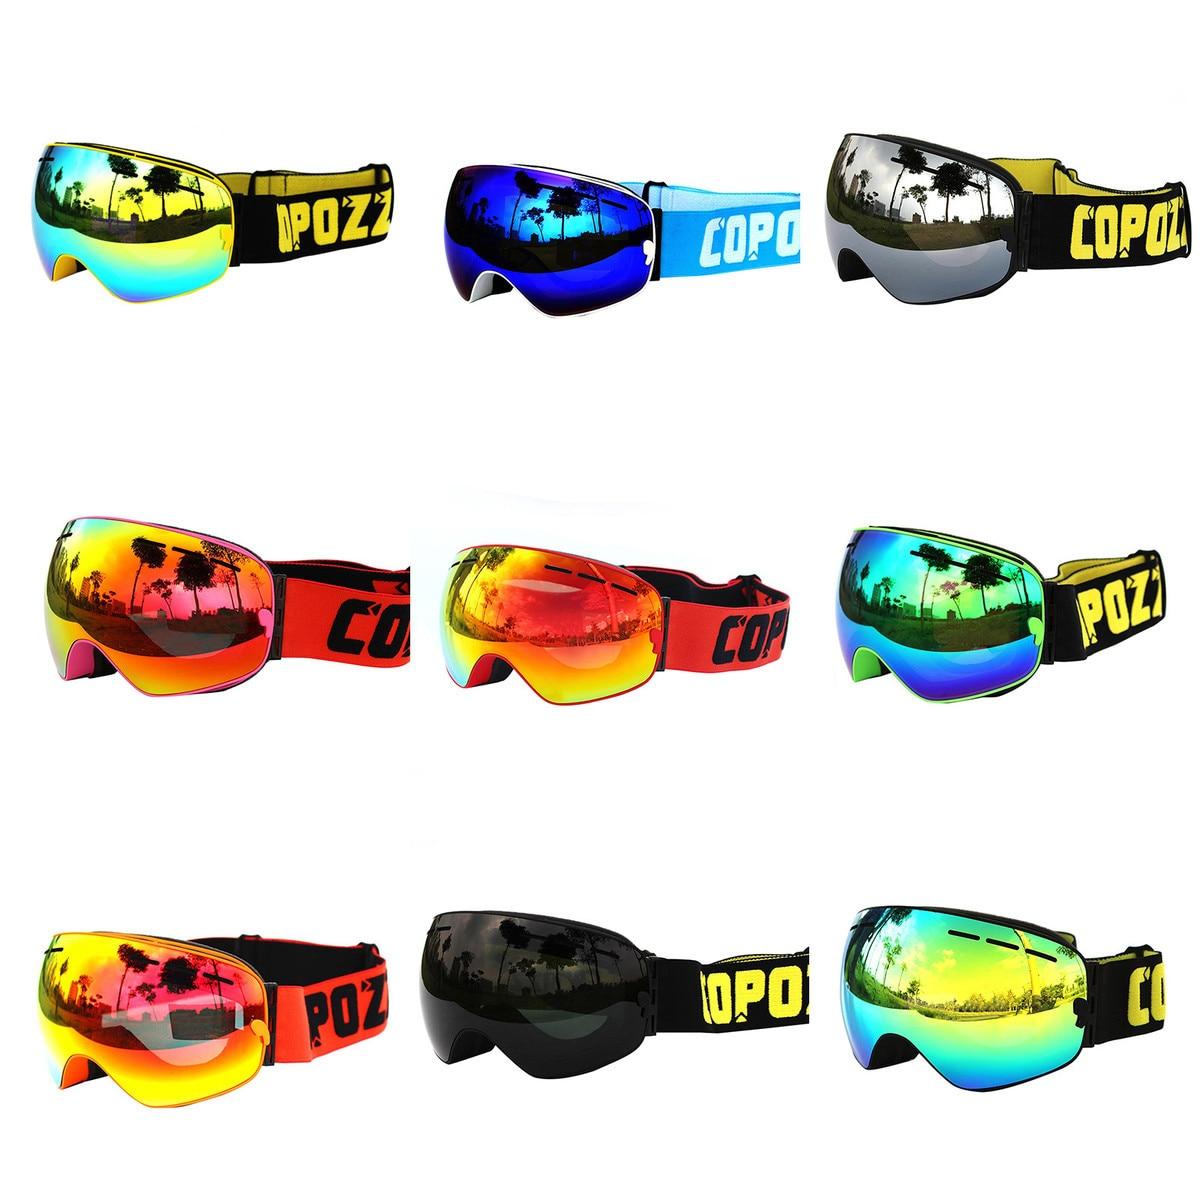 Cycling Bike Eyewear Goggles Ski Goggles Double Layers UV400 Anti-fog Big Ski Mask Glasses Skiing Men Women Snowboard Goggles